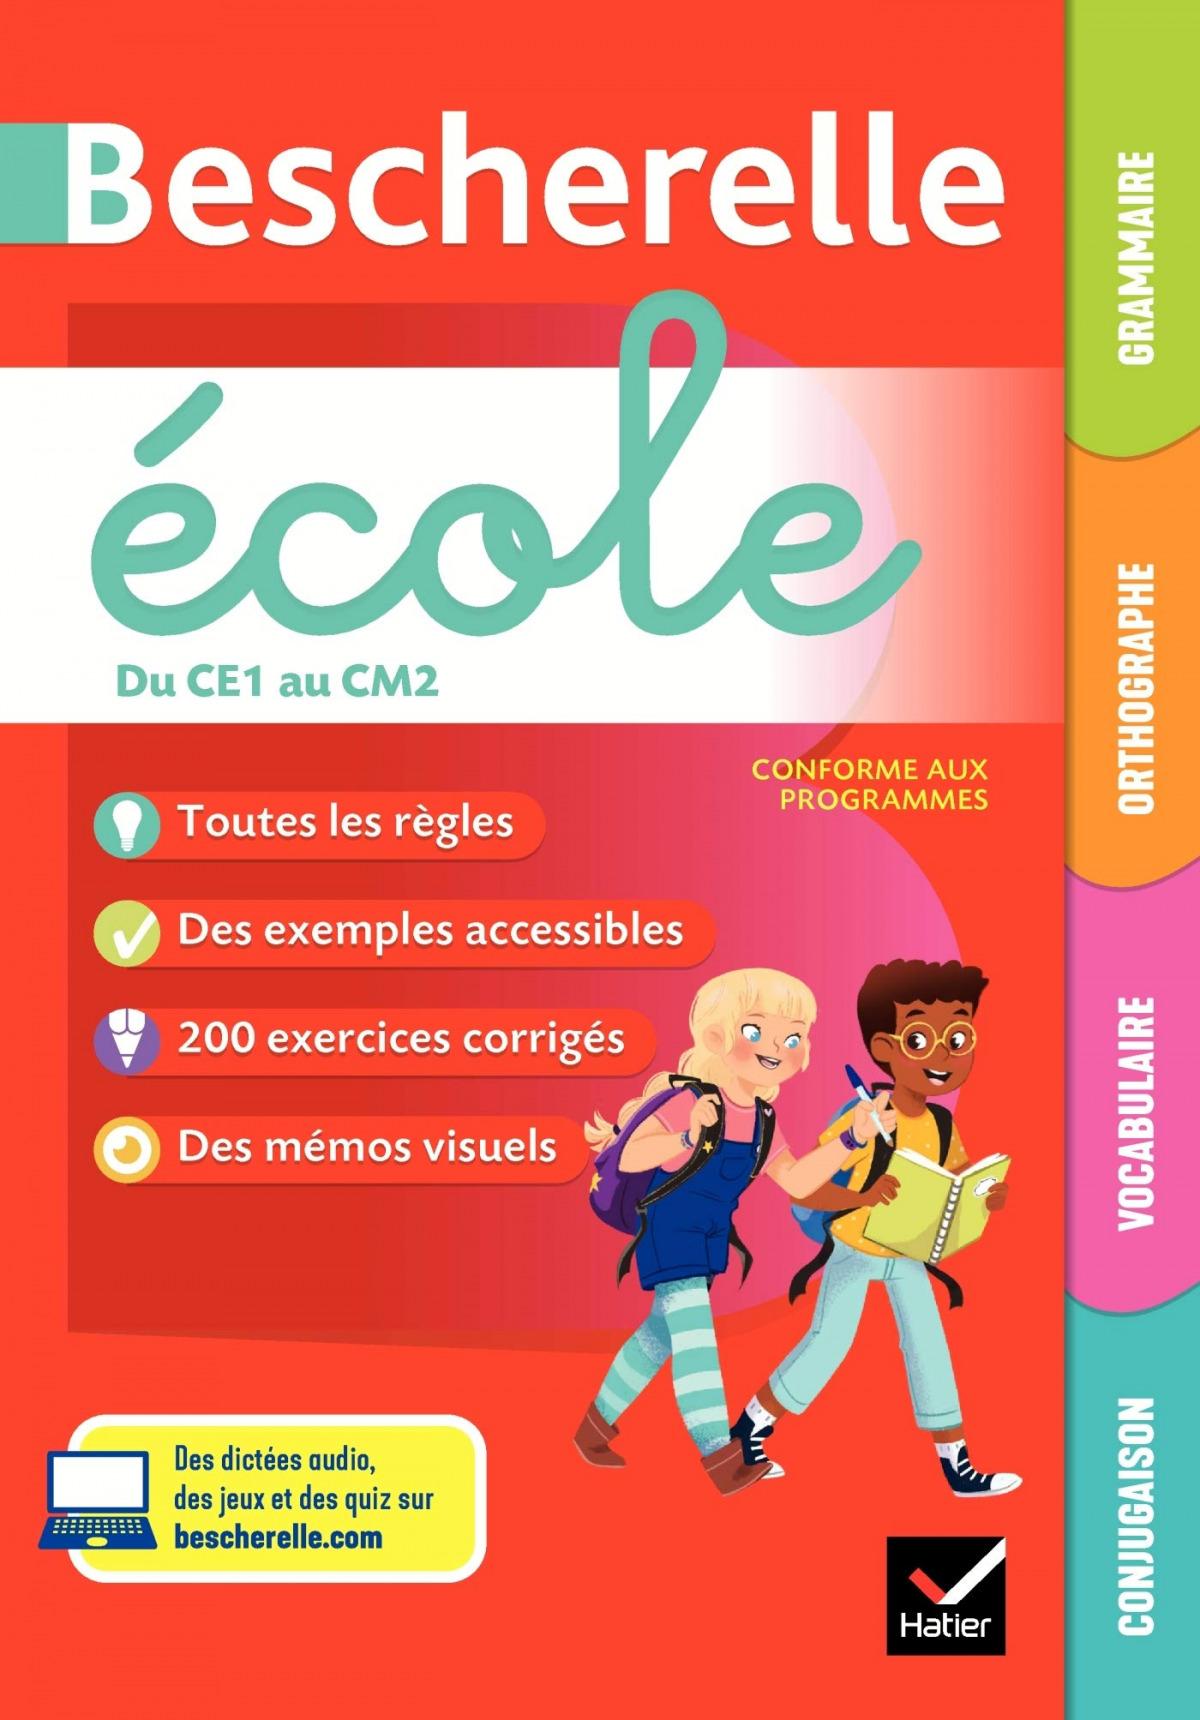 BESCHERELLE - ECOLE ED.21